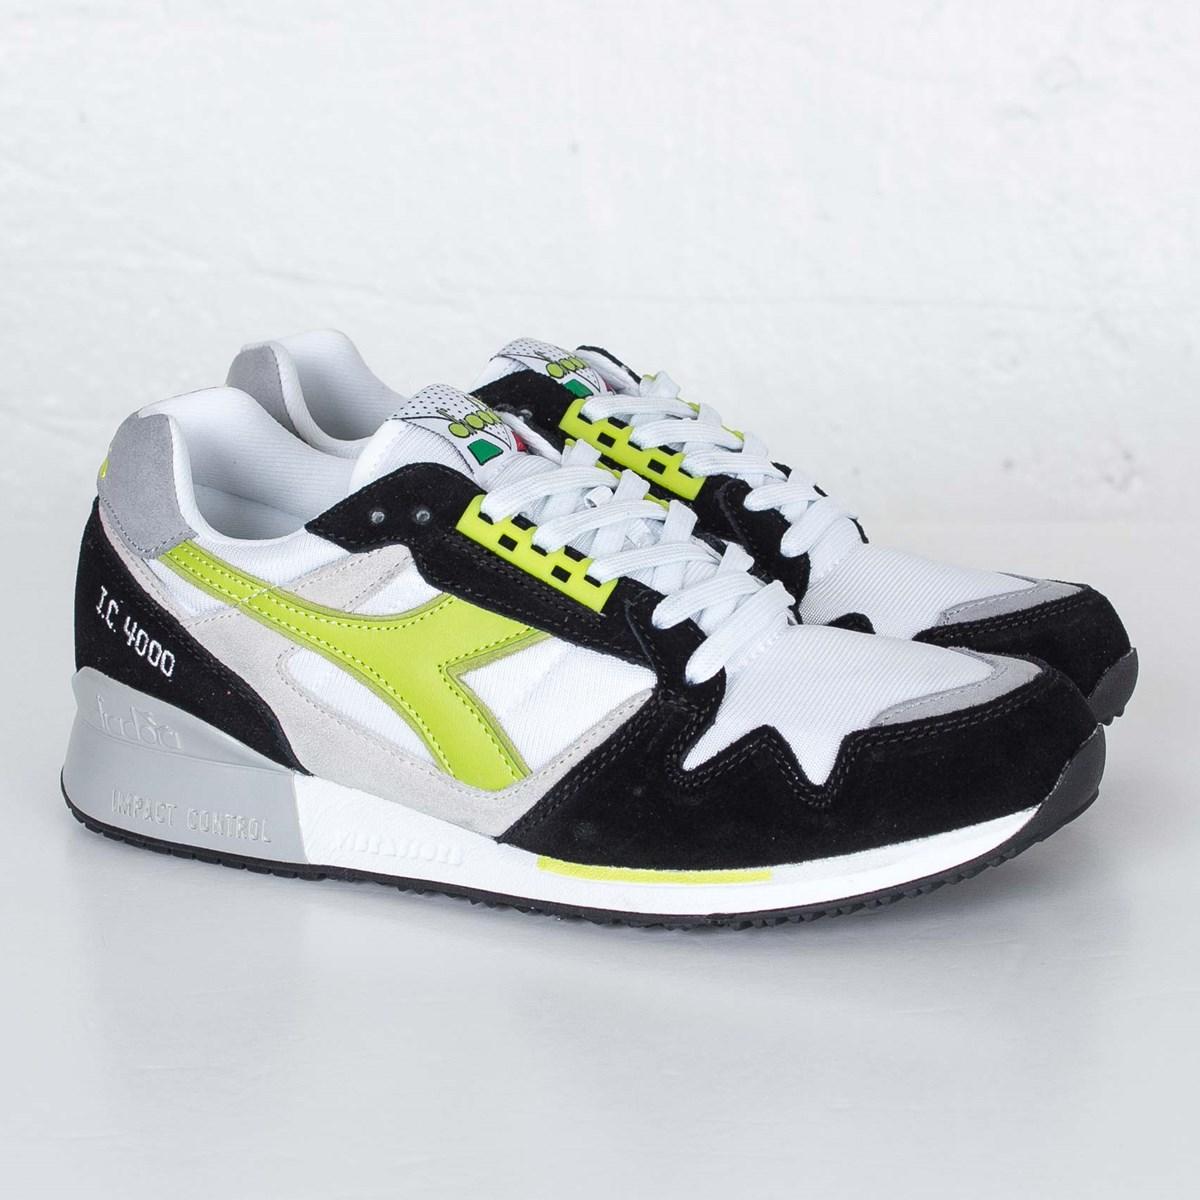 sale retailer 1653d 33eef diadora ic 4000 nyl c2416 sneakers   streetwear på nätet sen 1999.  SNEAKERSNSTUFF